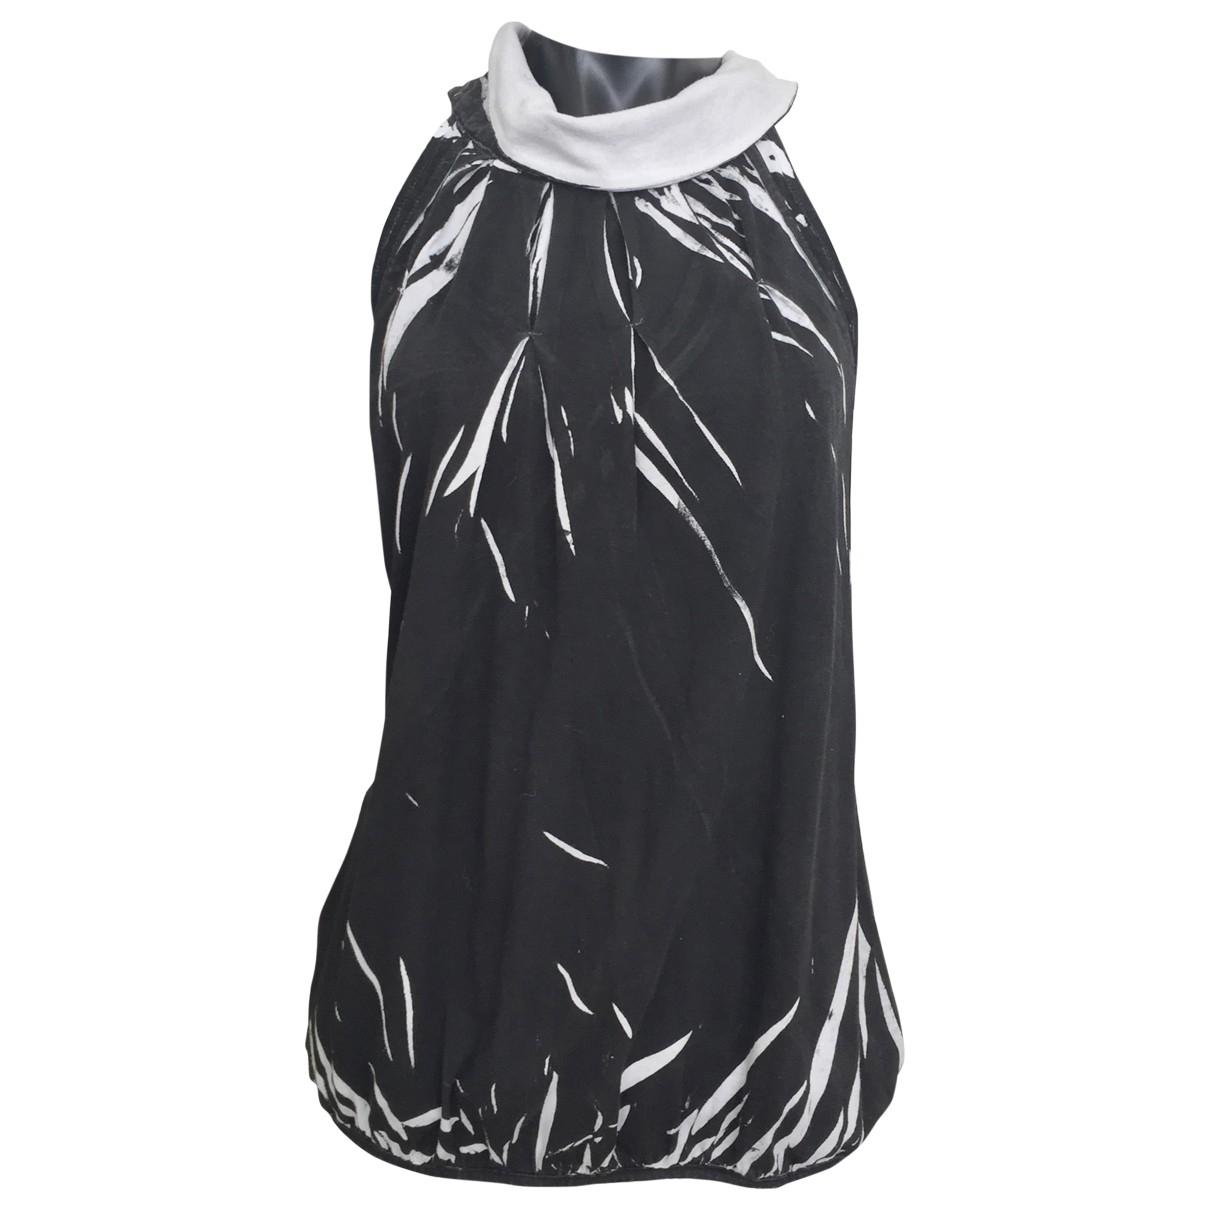 Diesel - Top   pour femme en coton - noir